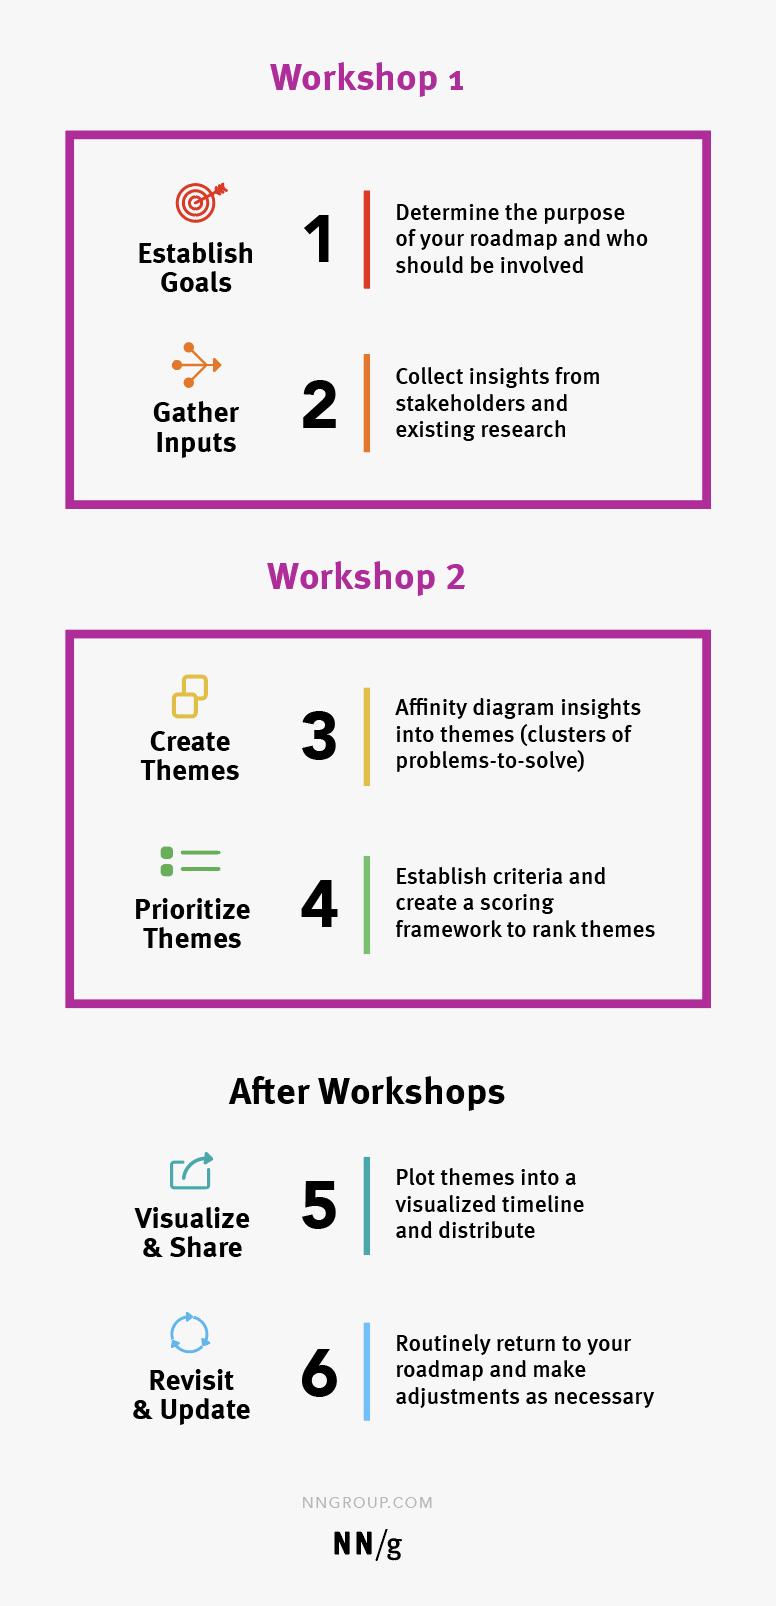 可以举办两个路线式讲习班,一个研讨会收集输入,接下来创建和优先考虑主题。